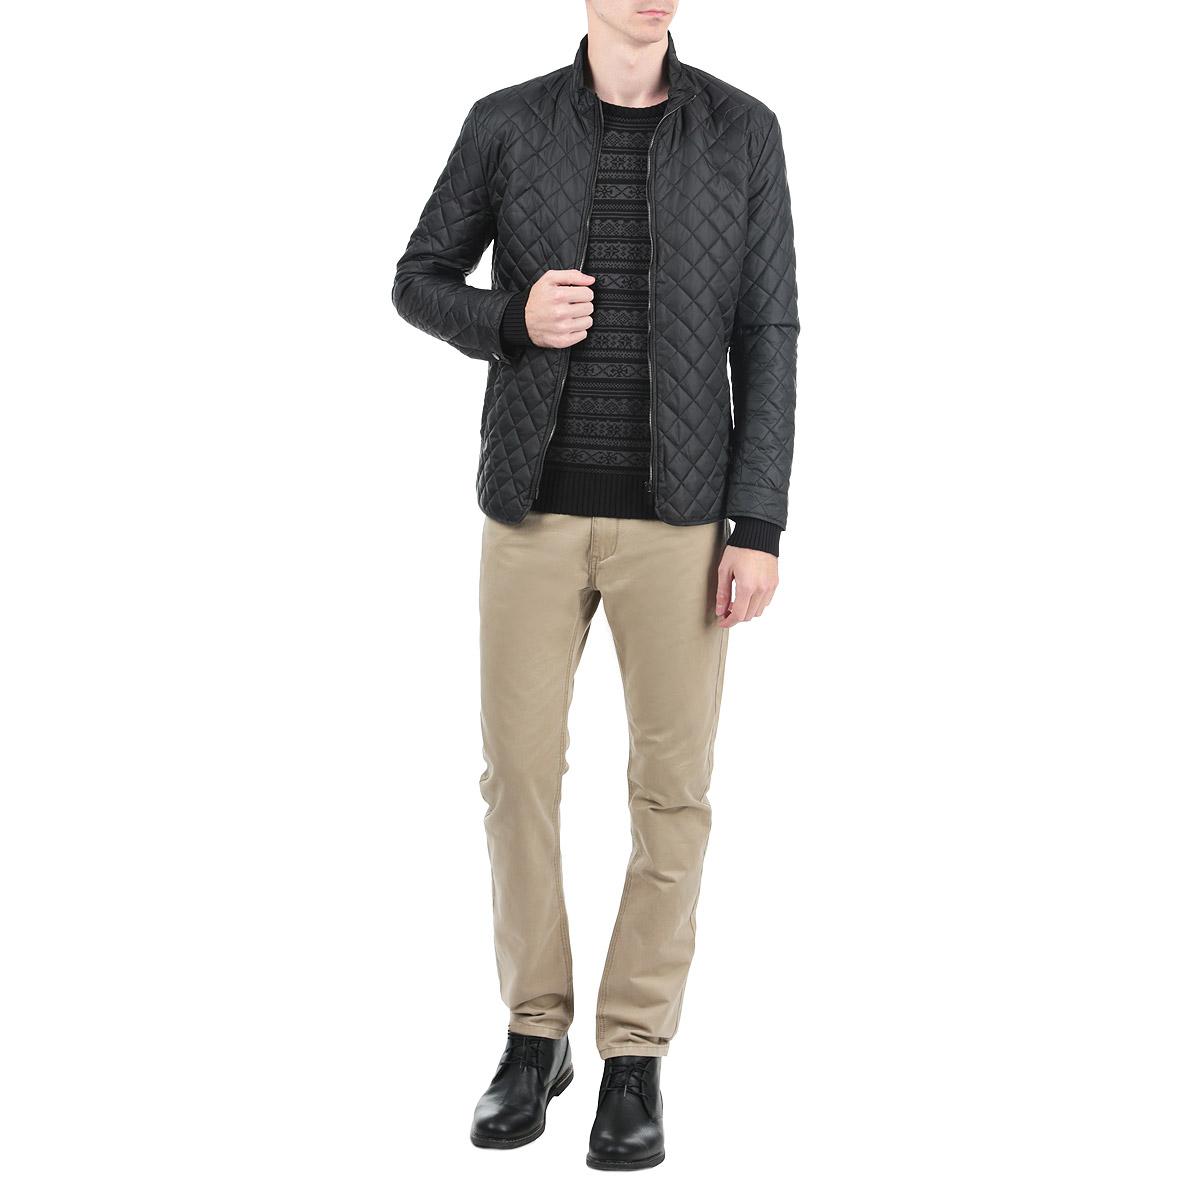 Куртка мужская. SKU0609CASKU0609CAСтильная и легкая мужская куртка Top Secret отлично подойдет для прохладной погоды. Модель прямого кроя с воротником-стойкой оформлена стеганой отстрочкой и застегивается на застежку-молнию. На лицевой стороне куртка дополнена двумя прорезными карманами. Эта модная куртка послужит отличным дополнением к вашему гардеробу.